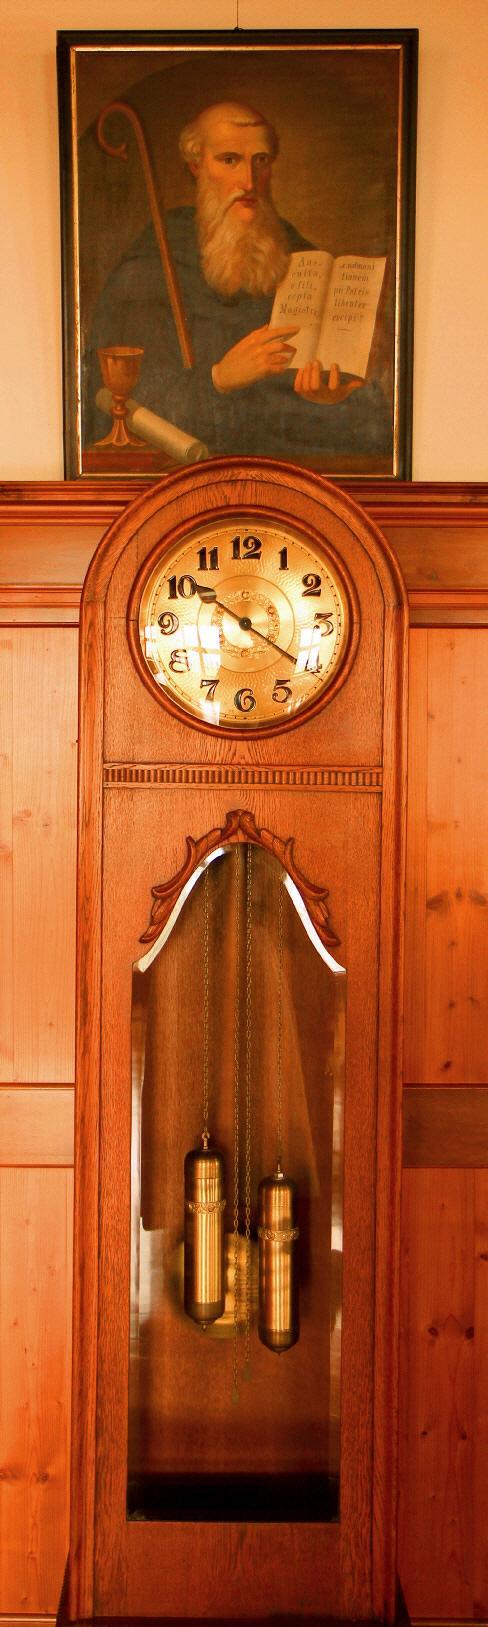 Hl. Benedikt und die Uhr im Kloster Frauenthal